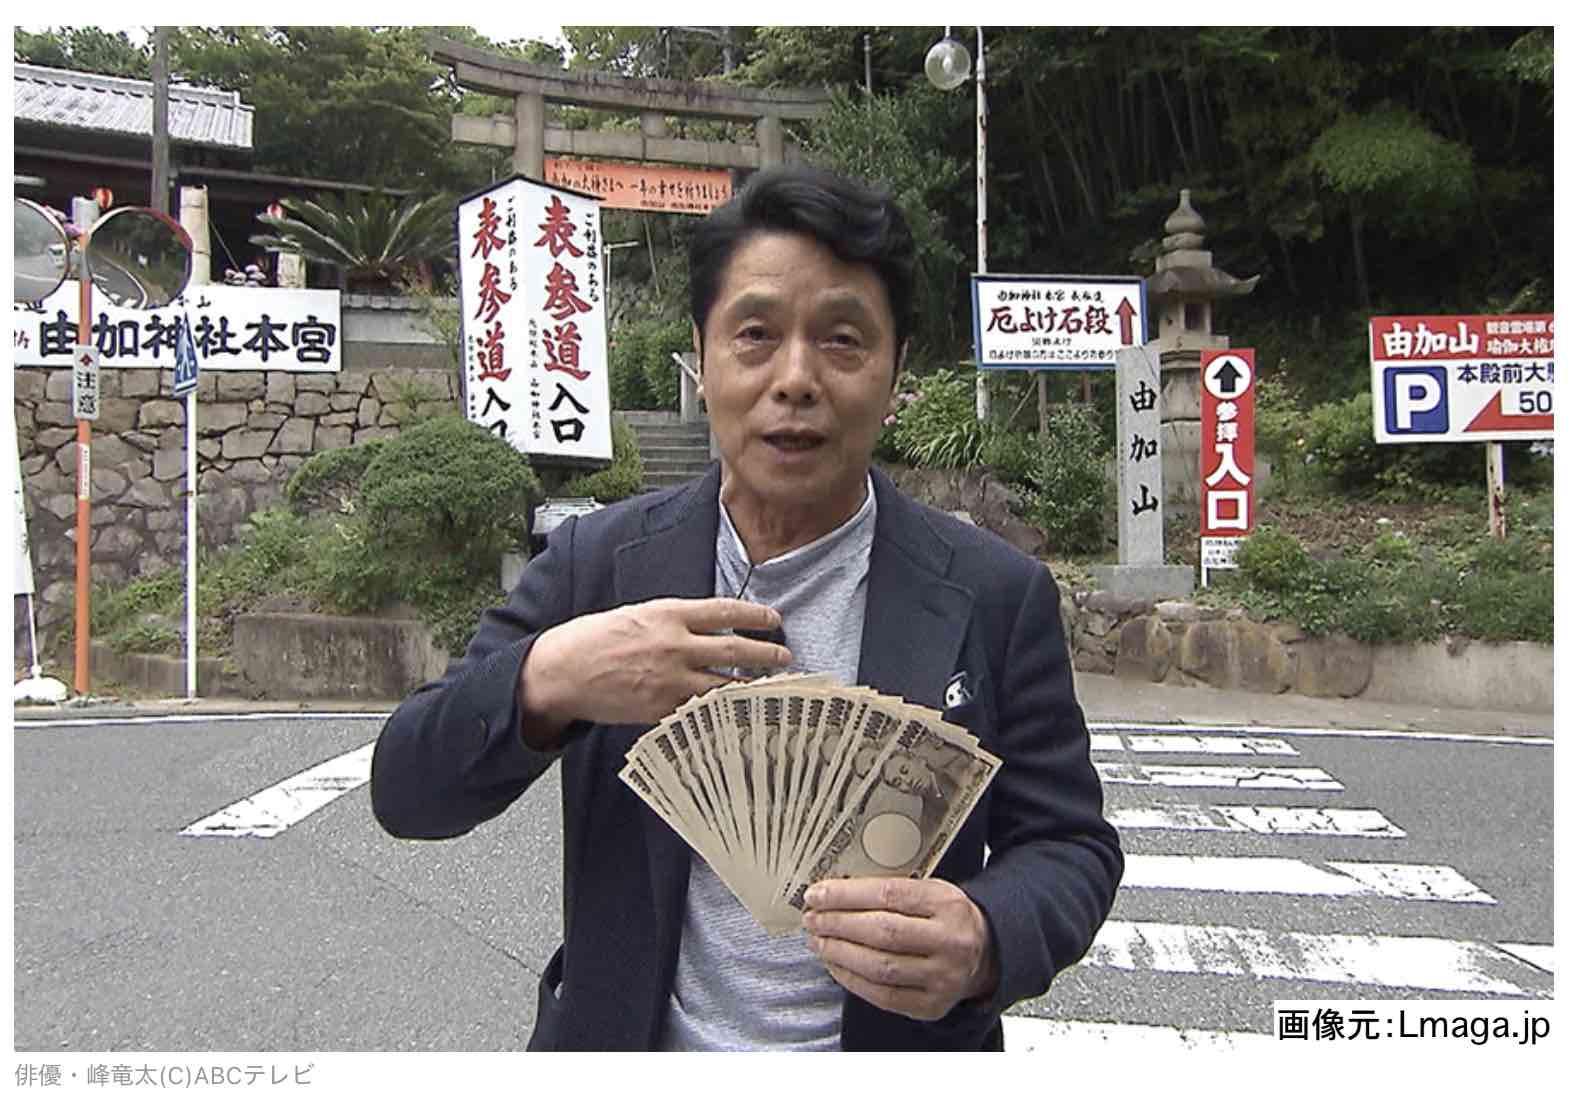 タレントの「峰竜太」もボートレーサー峰竜太の相席食堂に出演